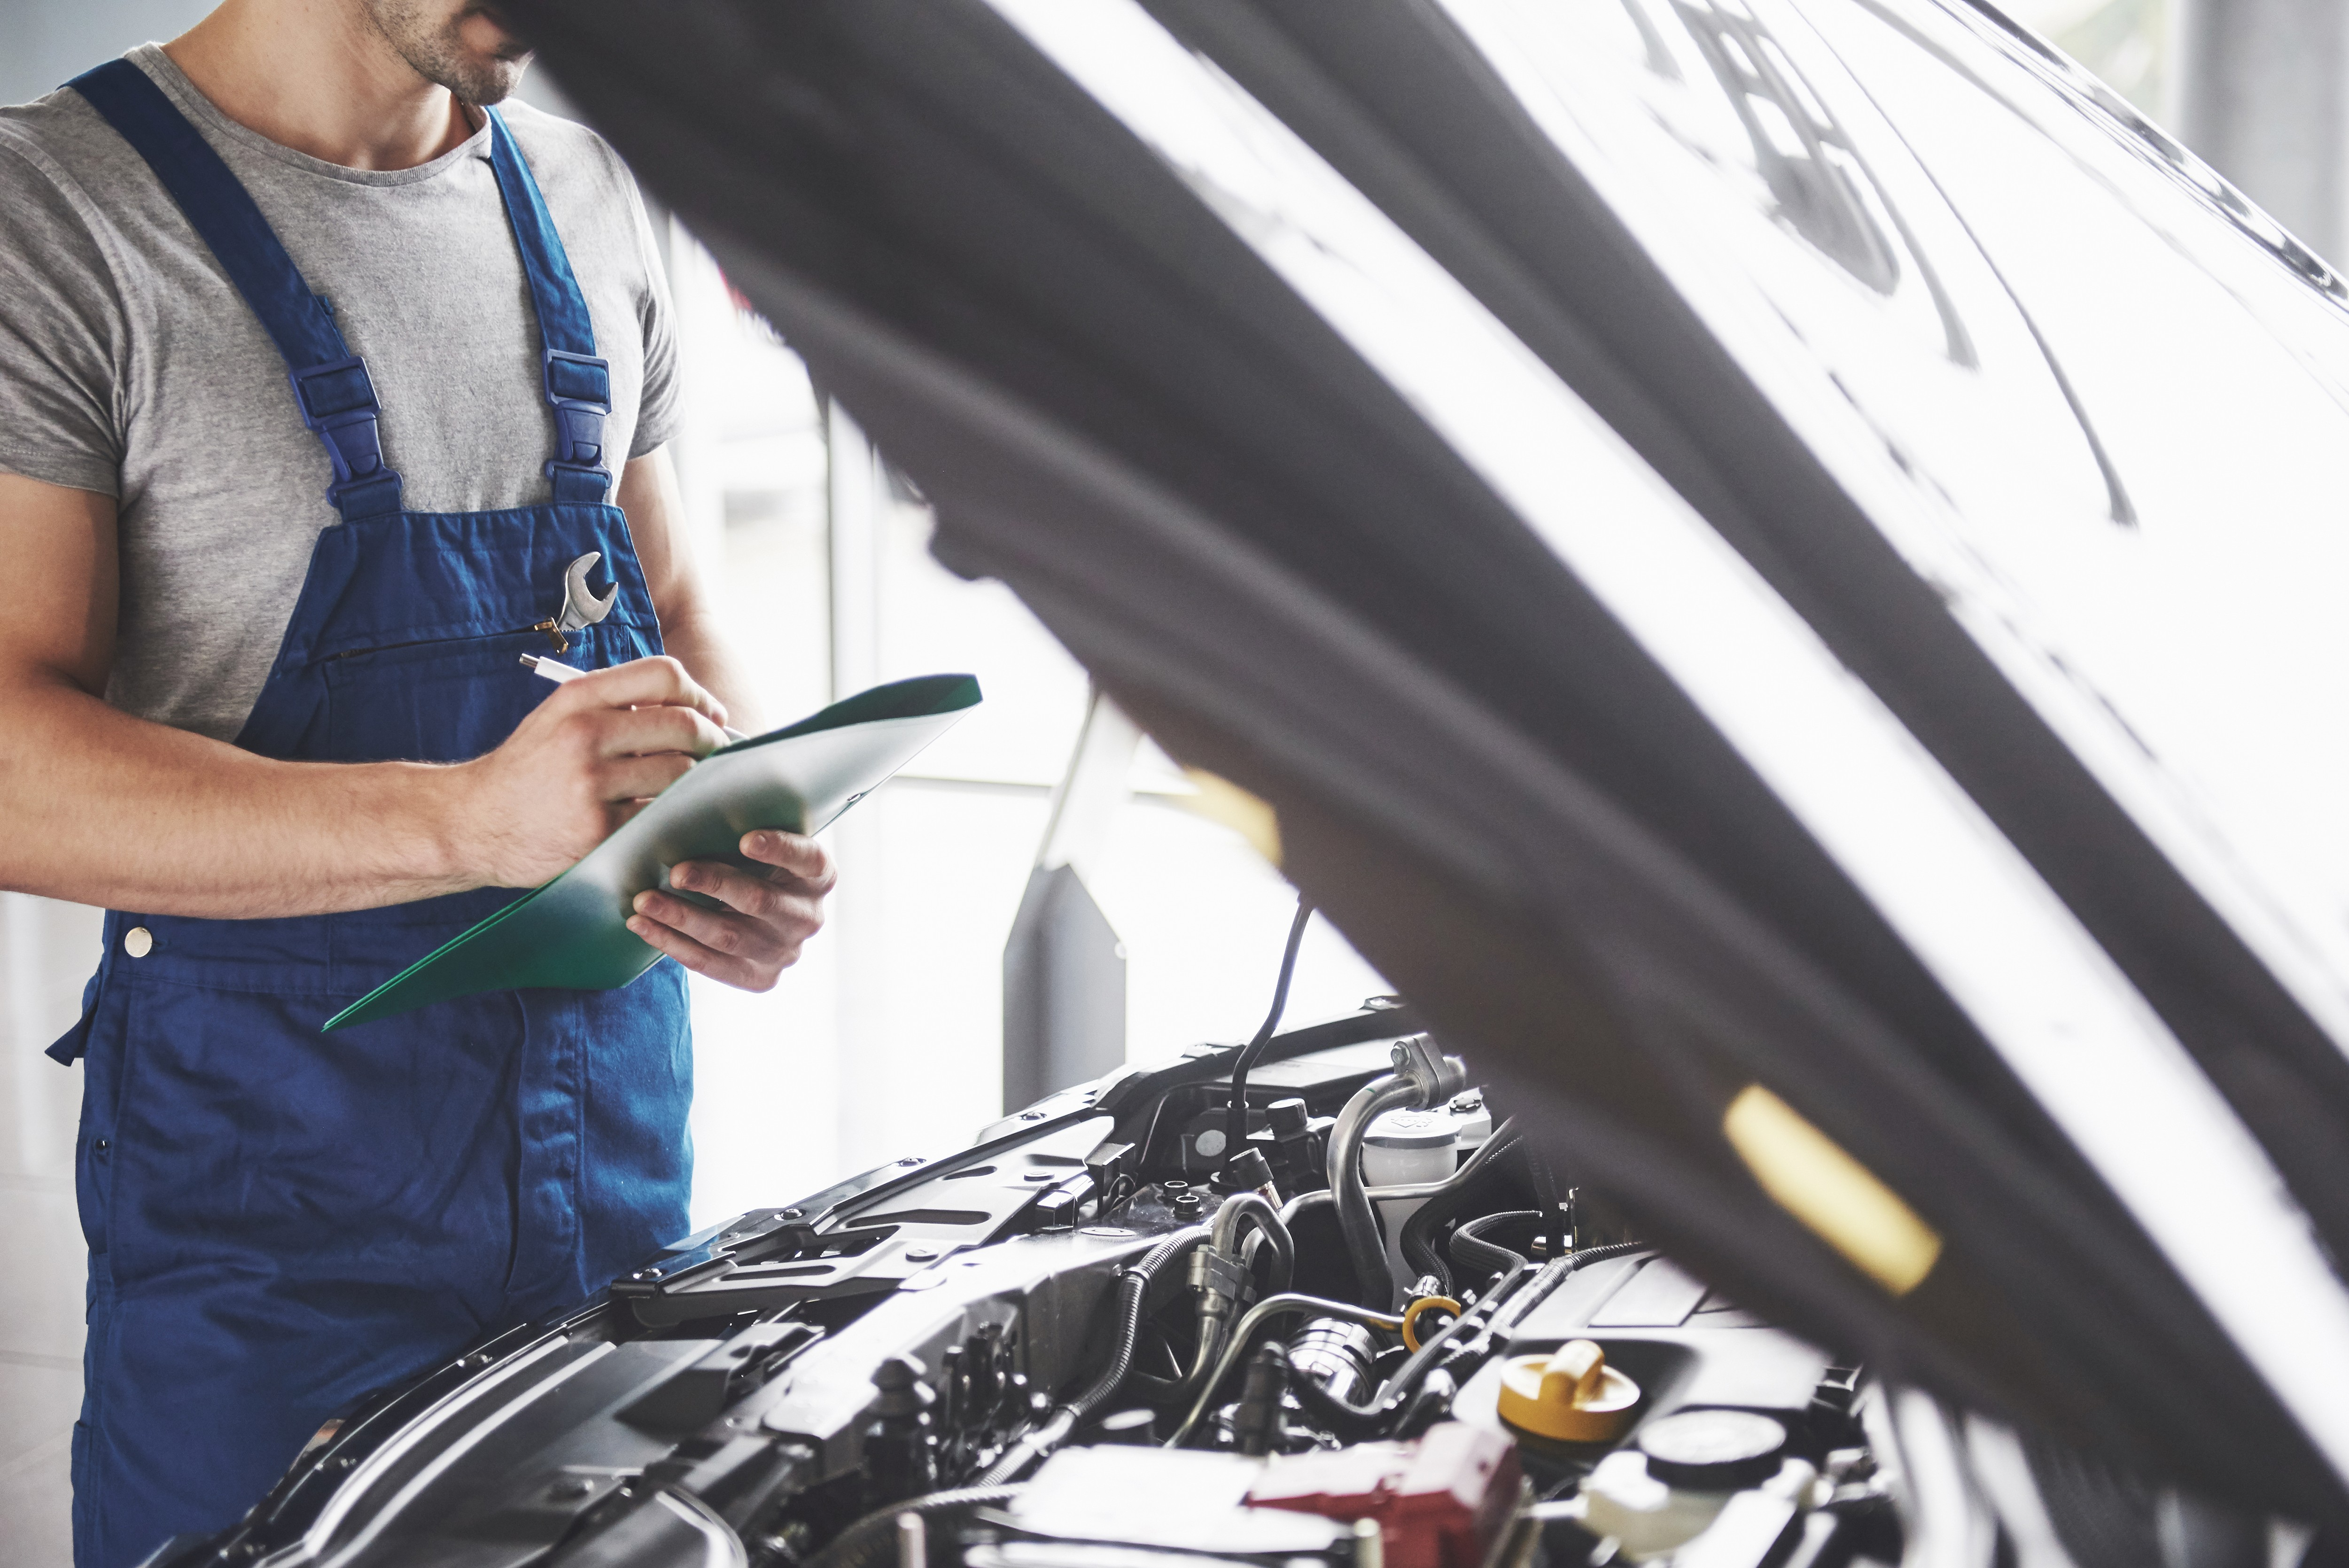 Sprawdź, jak wgląda nasza auto inspekcja-zobacz nasz raport z oględzin